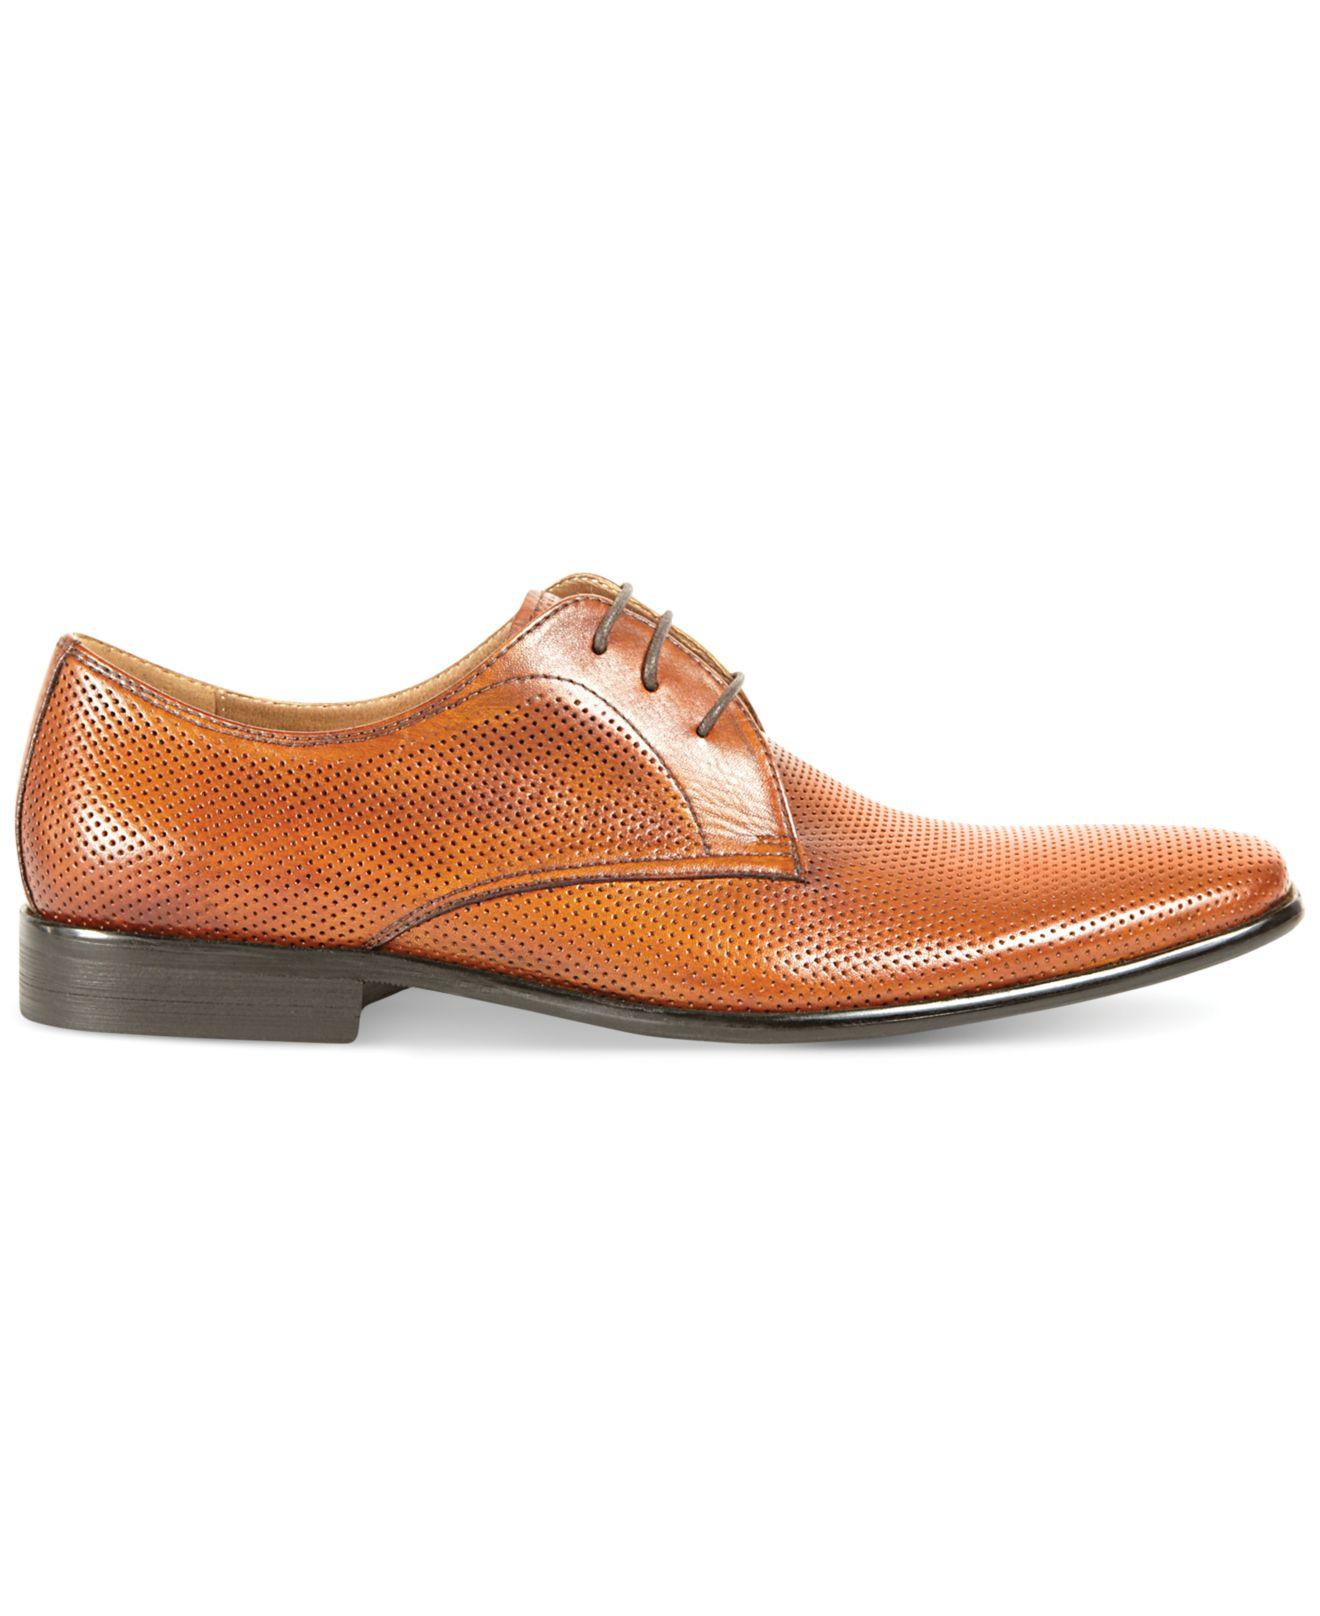 d729670c9bc Steve Madden Brown Havin Dress Shoes for men